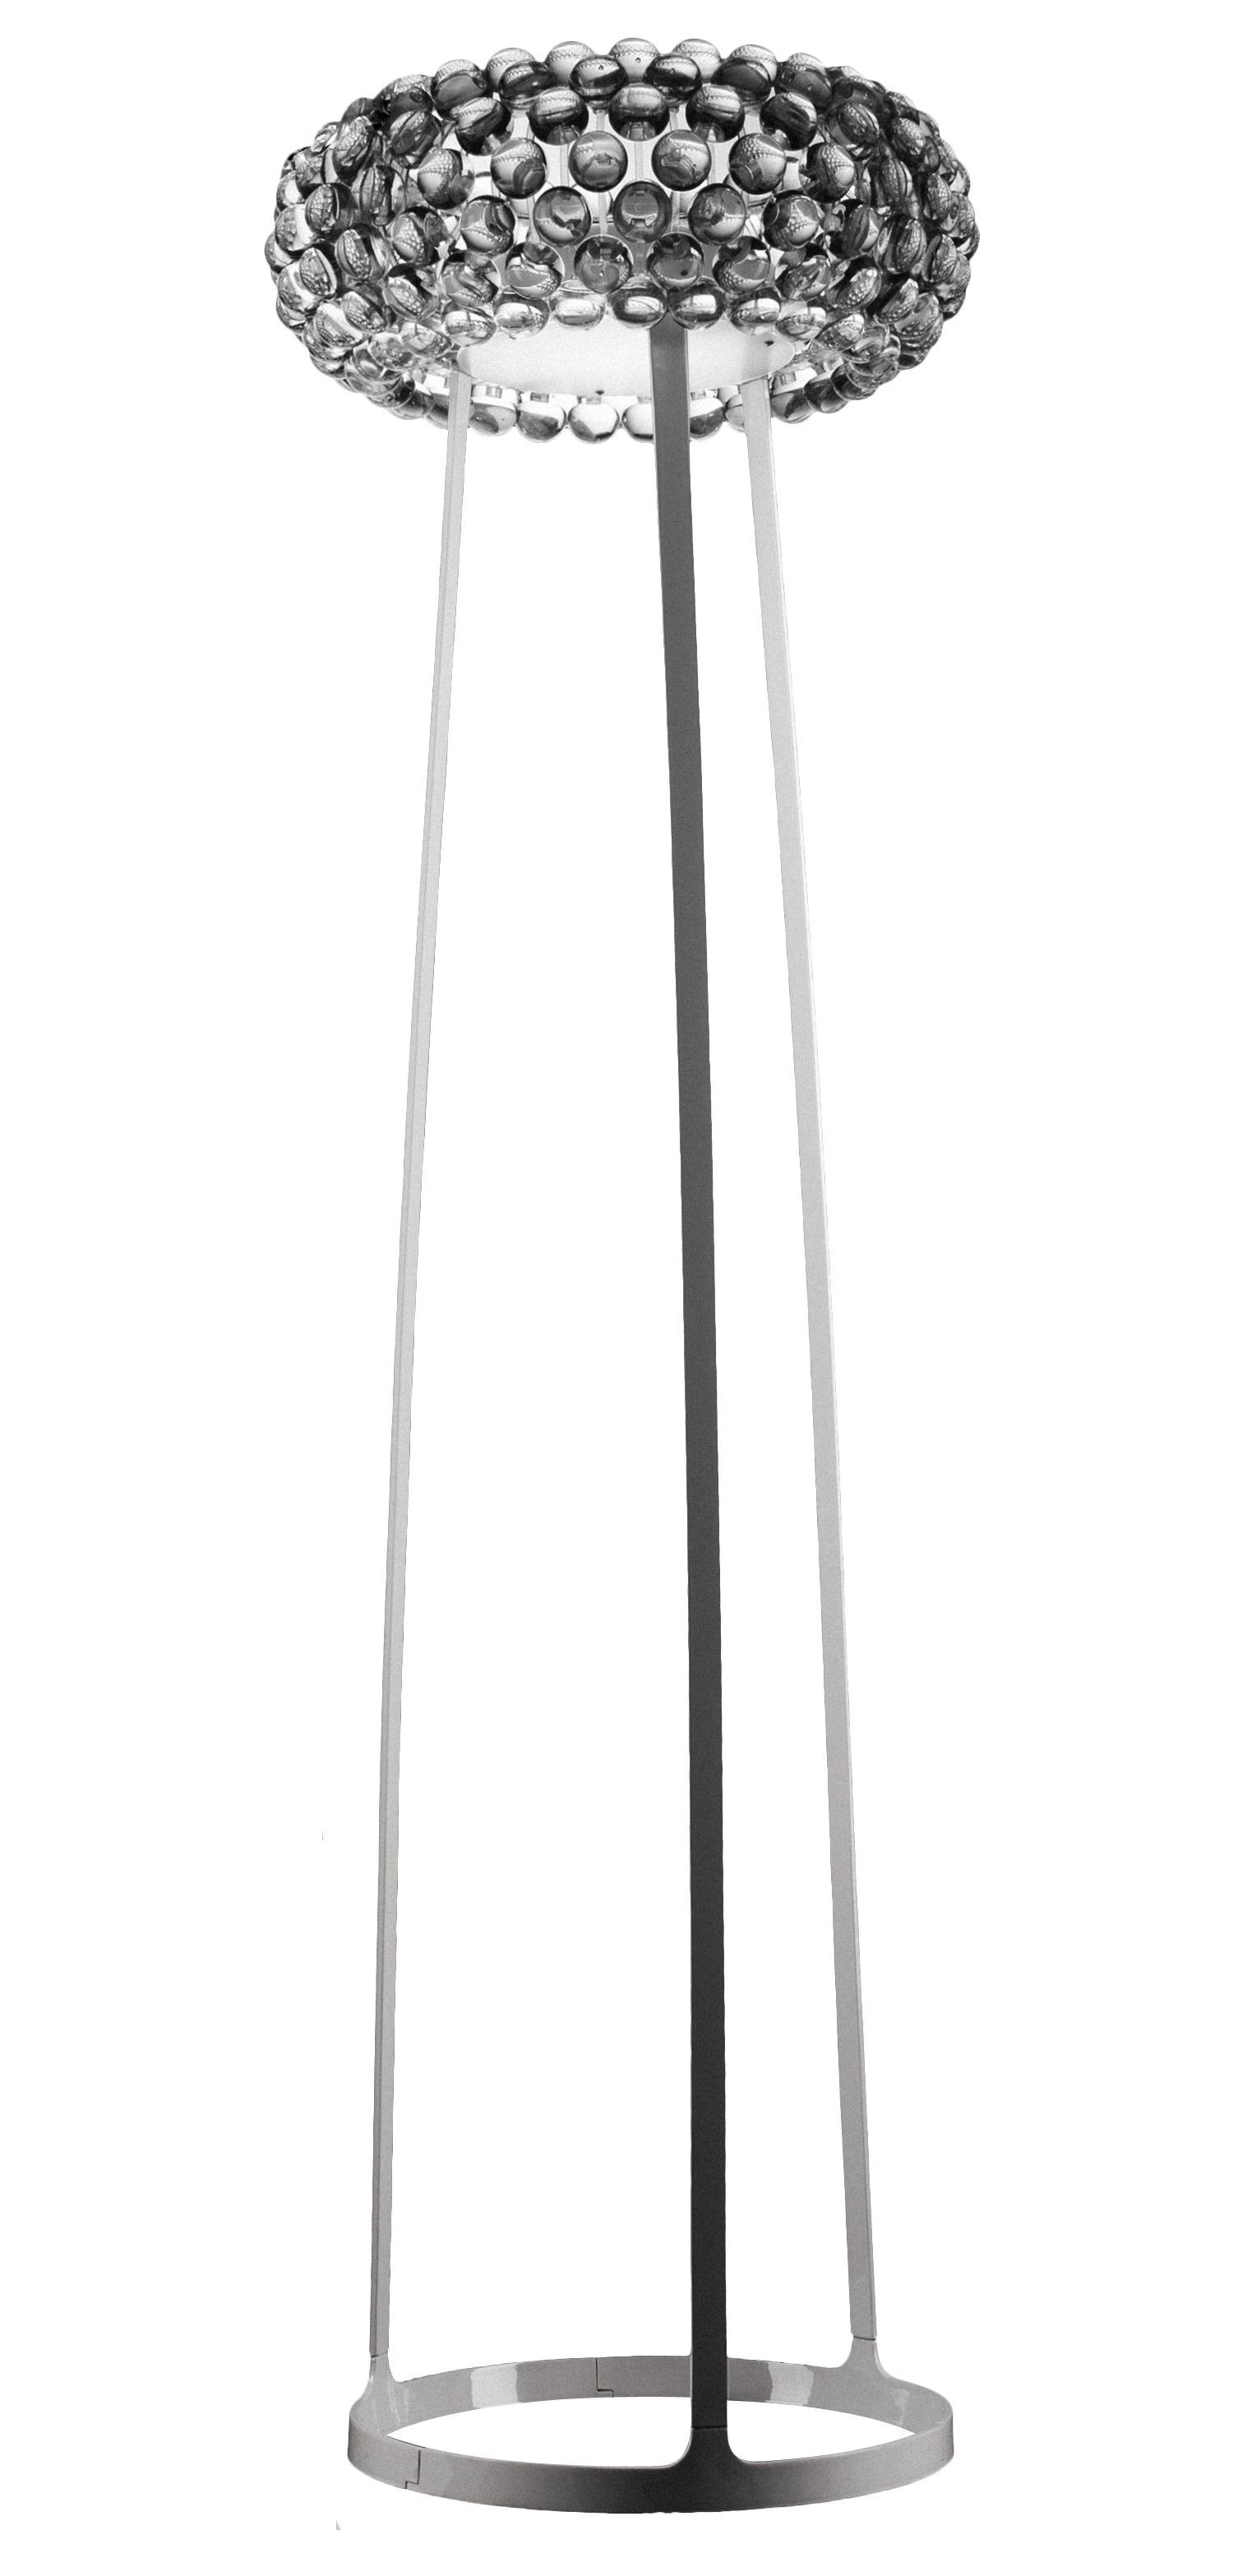 Leuchten - Stehleuchten - Caboche Media Stehleuchte Media - Foscarini - Ø 50 cm - H 154 cm - Metall, PMMA